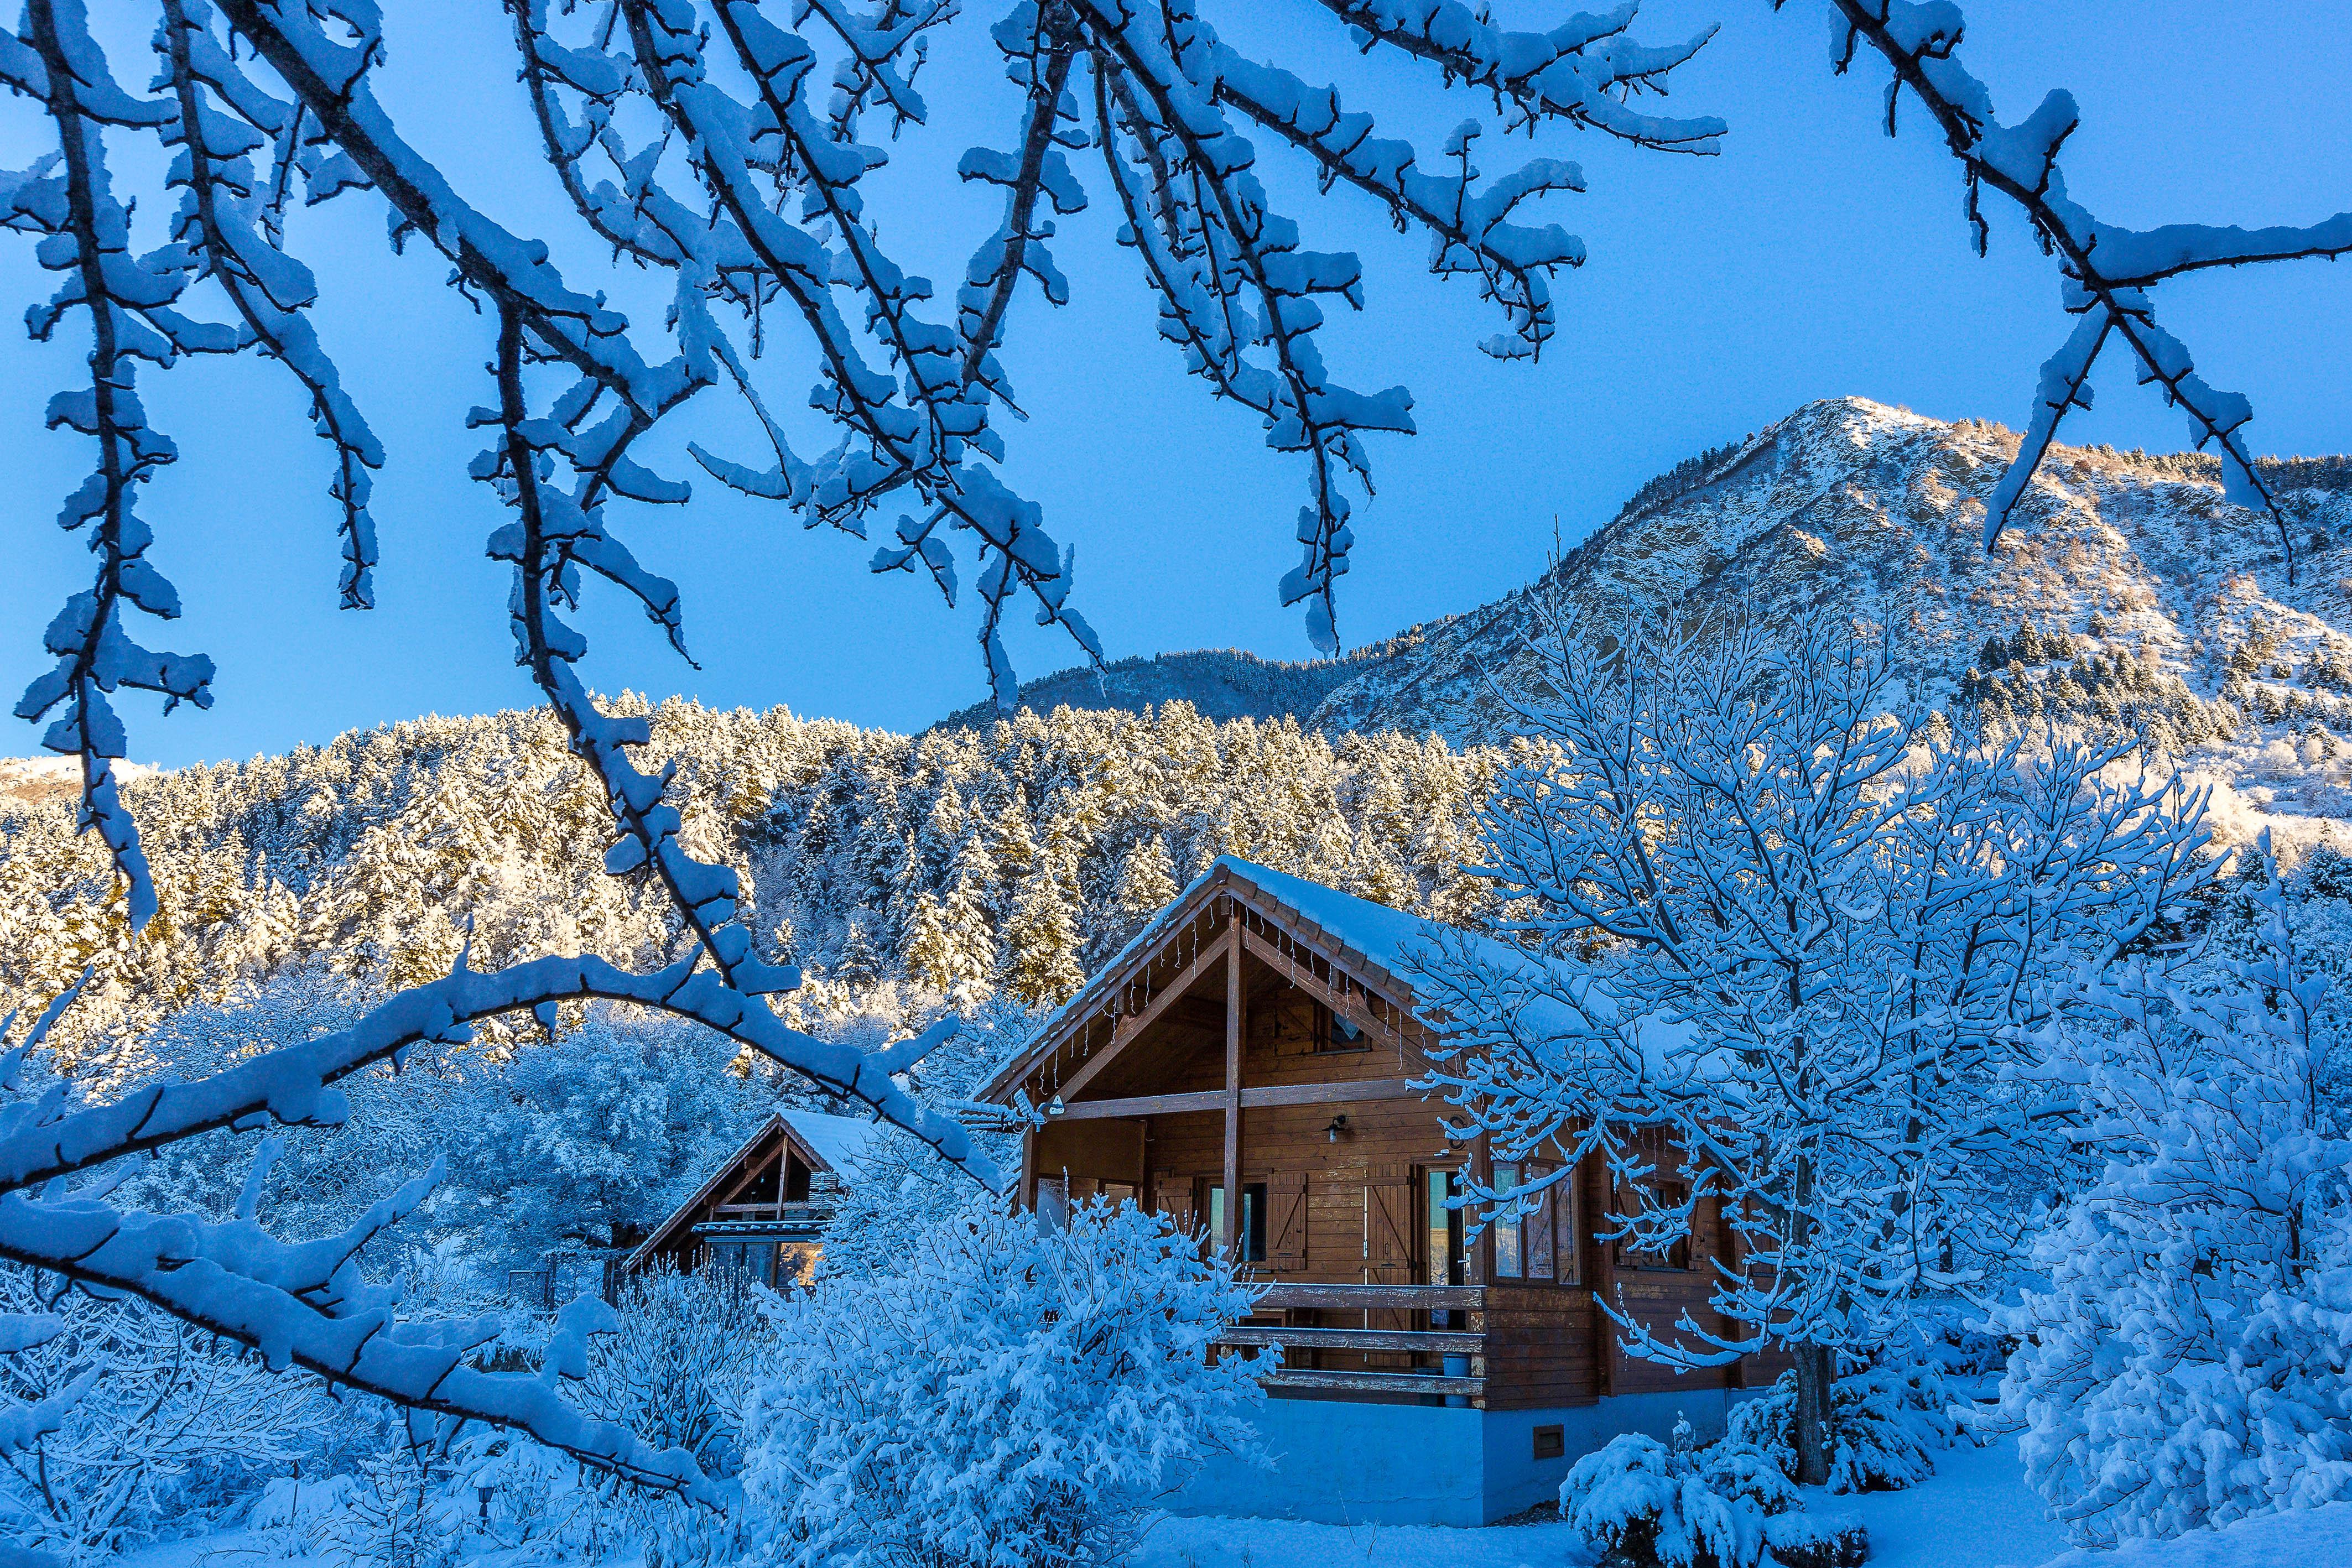 Chalet Carpe Diem - Vue extérieure l'hiver : le chalet sous la neige